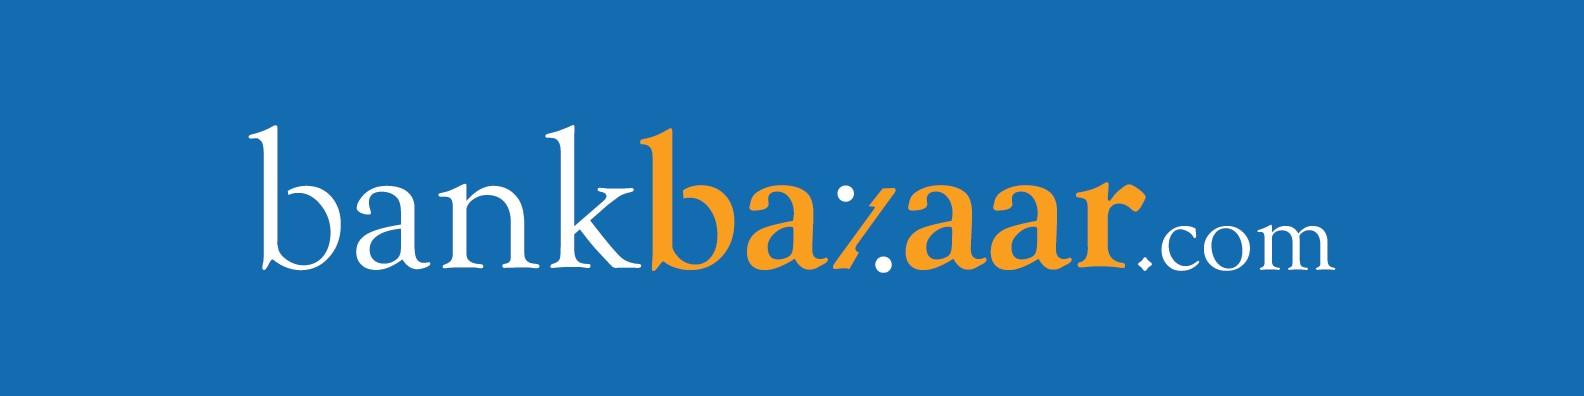 Bank Bazaar